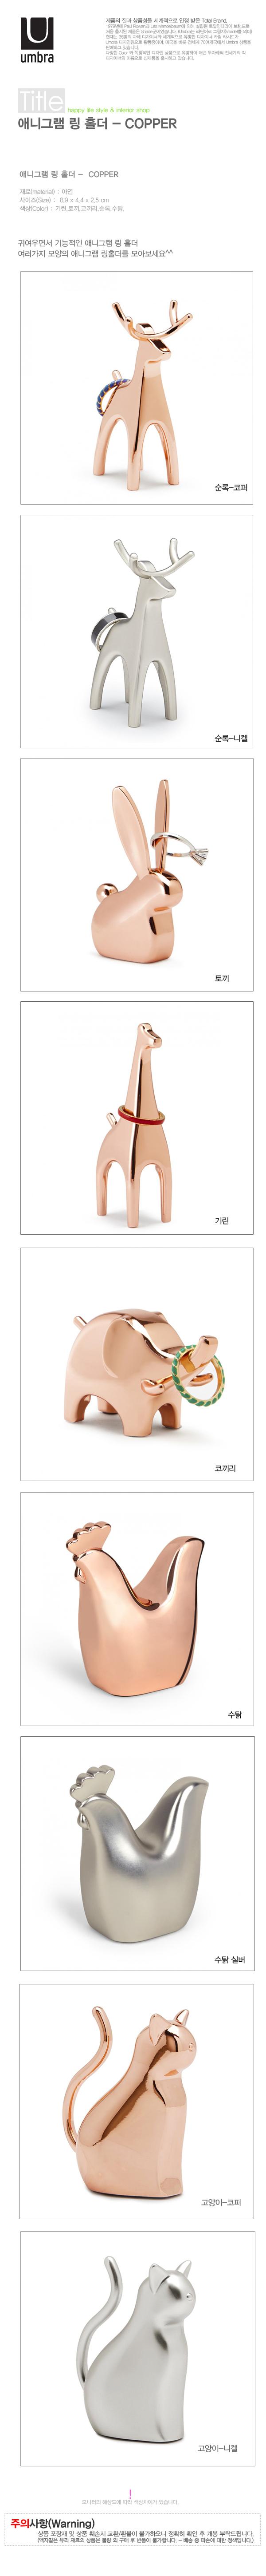 애니그램 링 홀더 COPPER - 움브라, 15,000원, 장식소품, 소품케이스